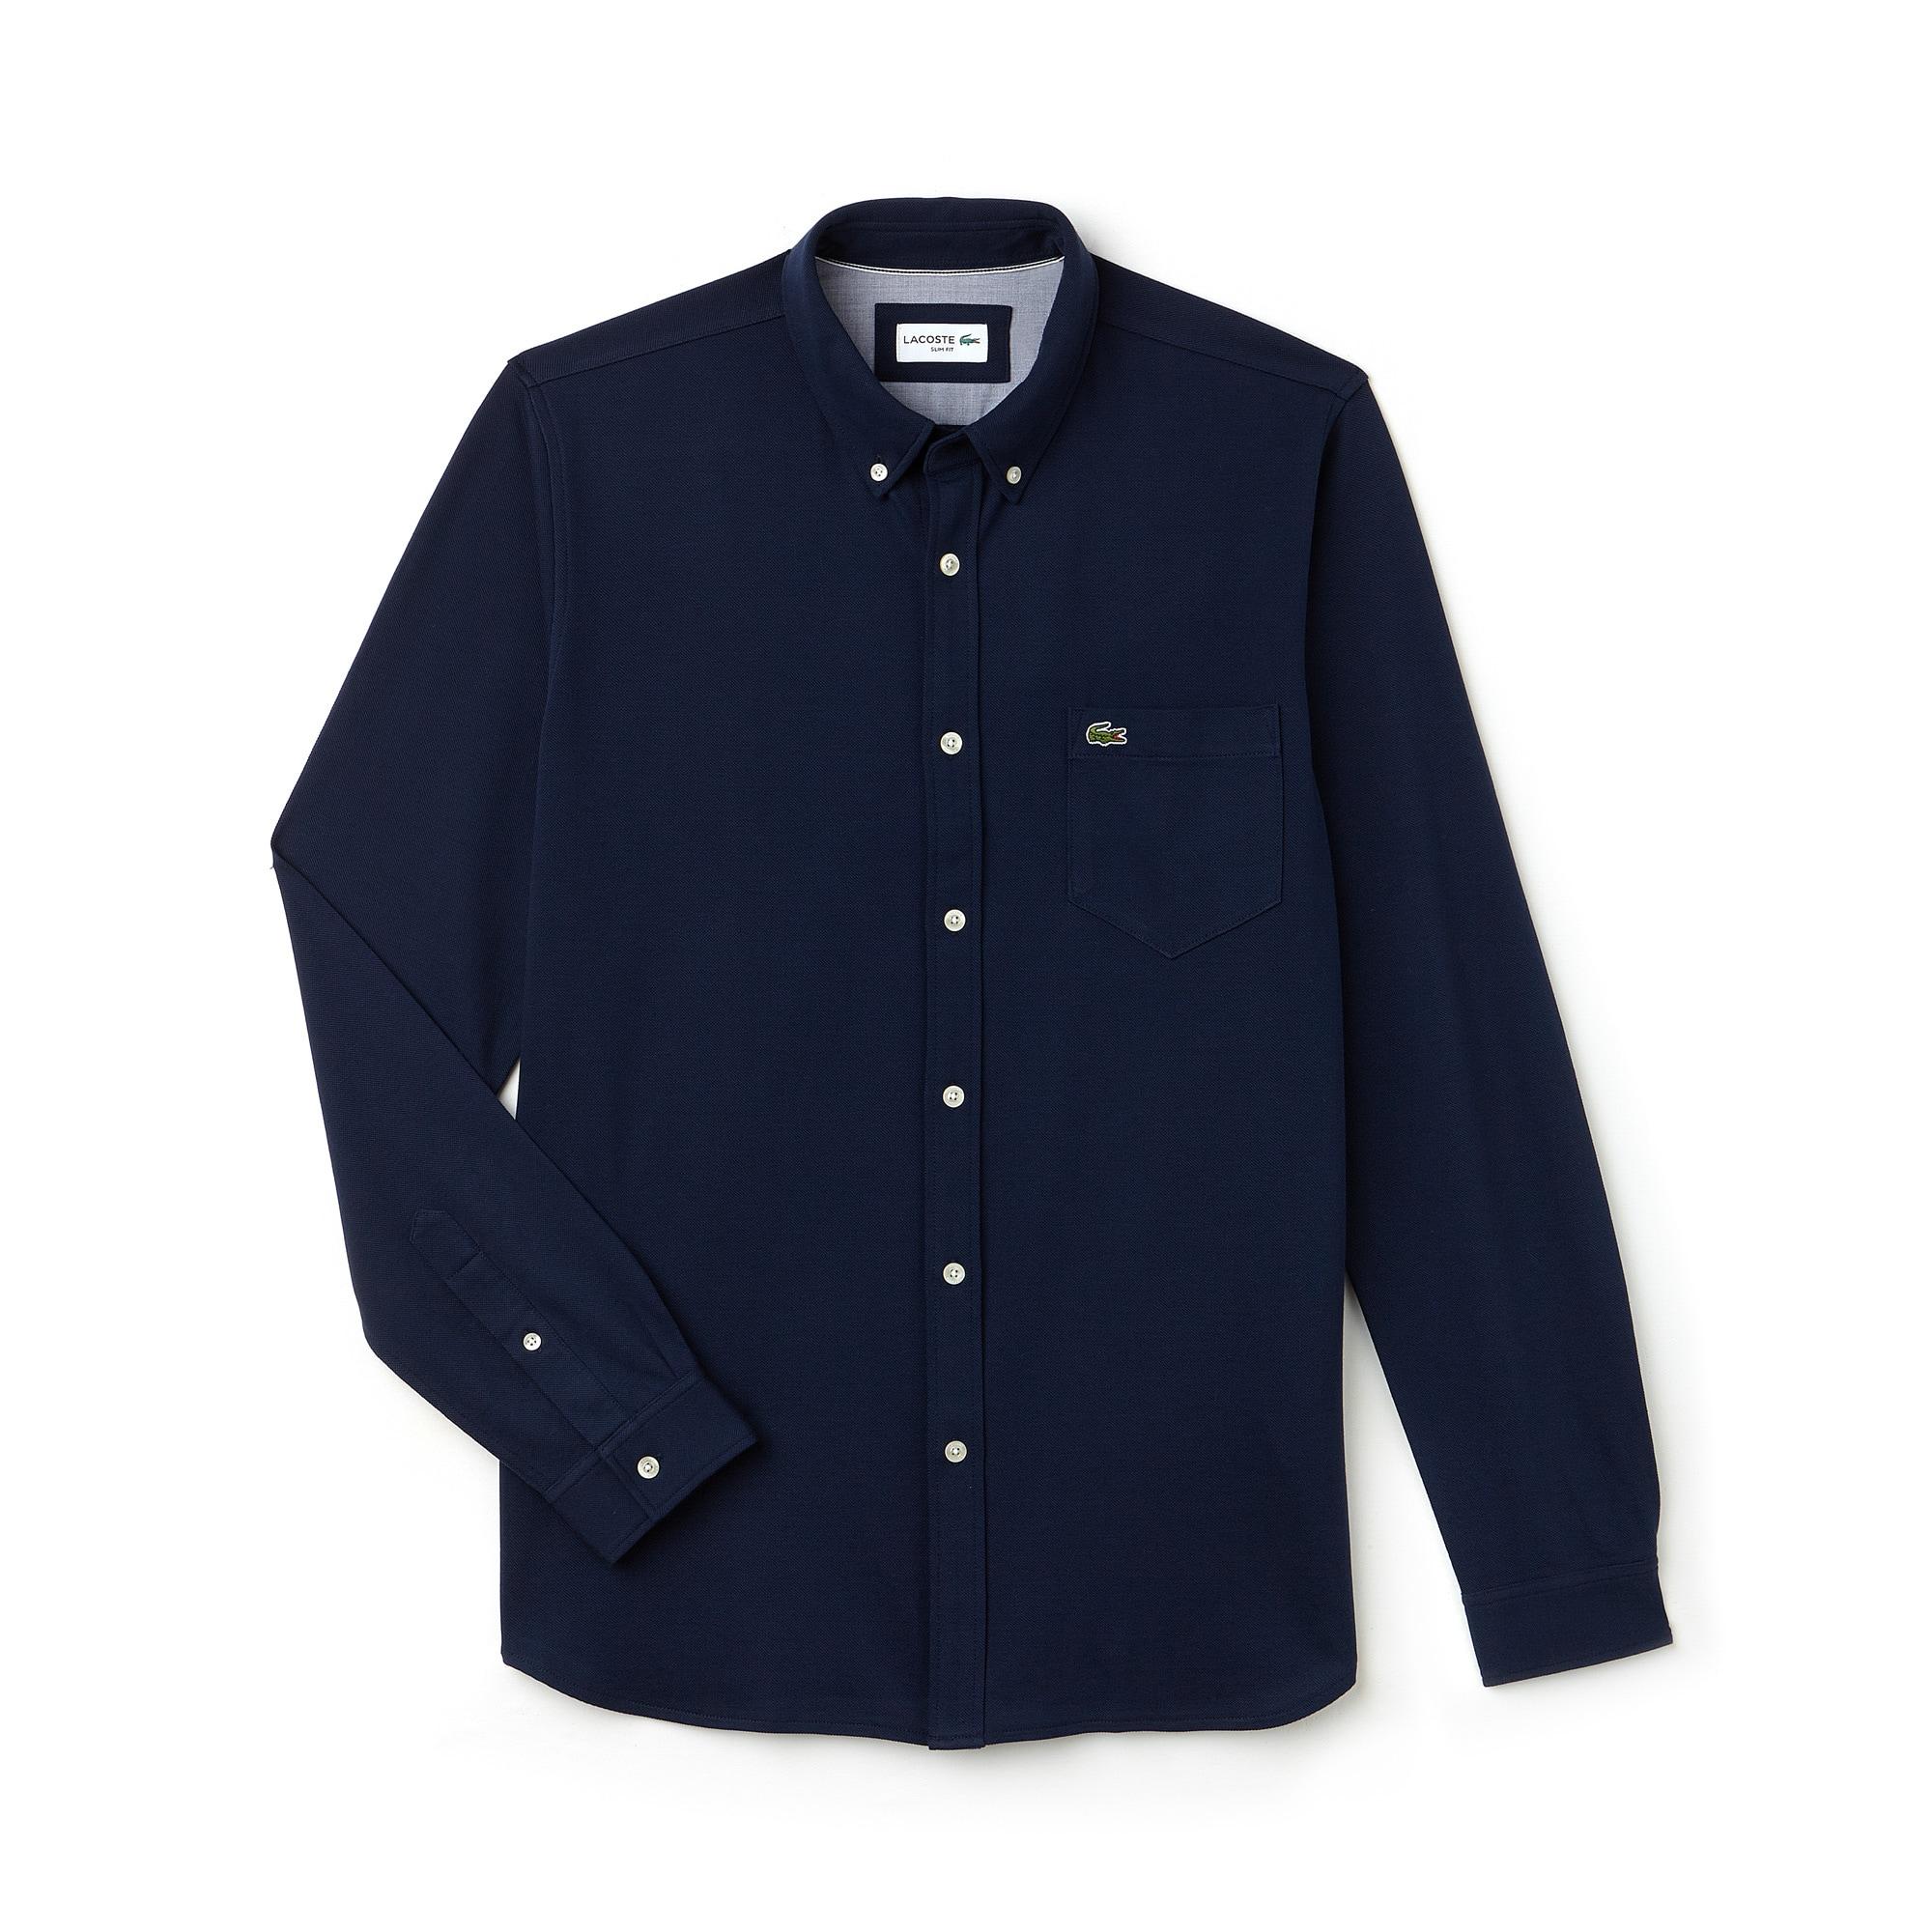 Camicia slim fit in jersey di cotone unita